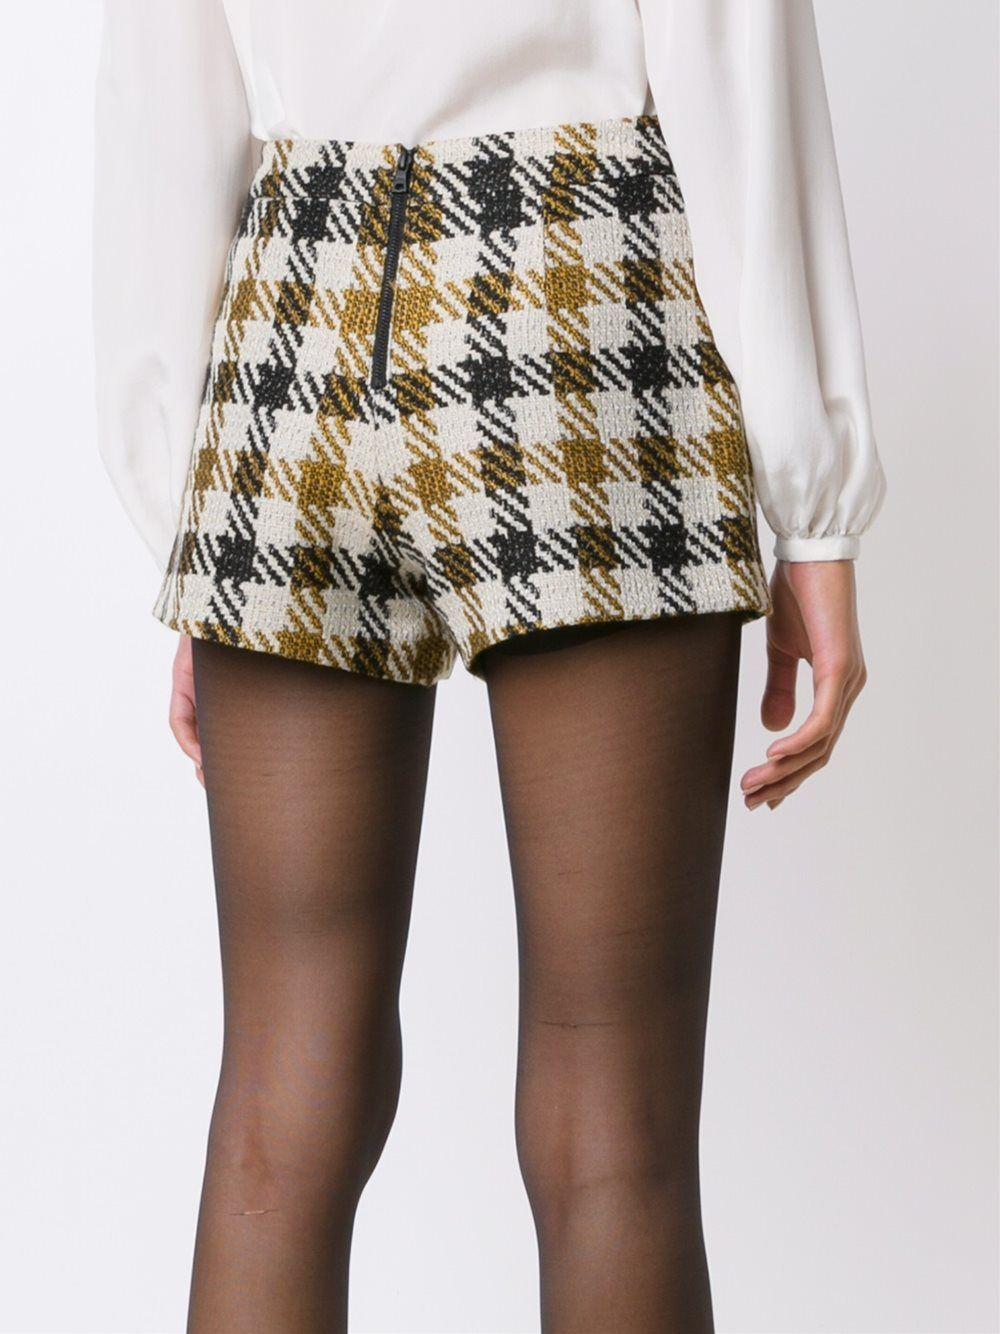 bc669a11f6dc29 Alice+Olivia Karierte Shorts CREAM/MUSTARD/BLACK Damen Kleidung Kurze